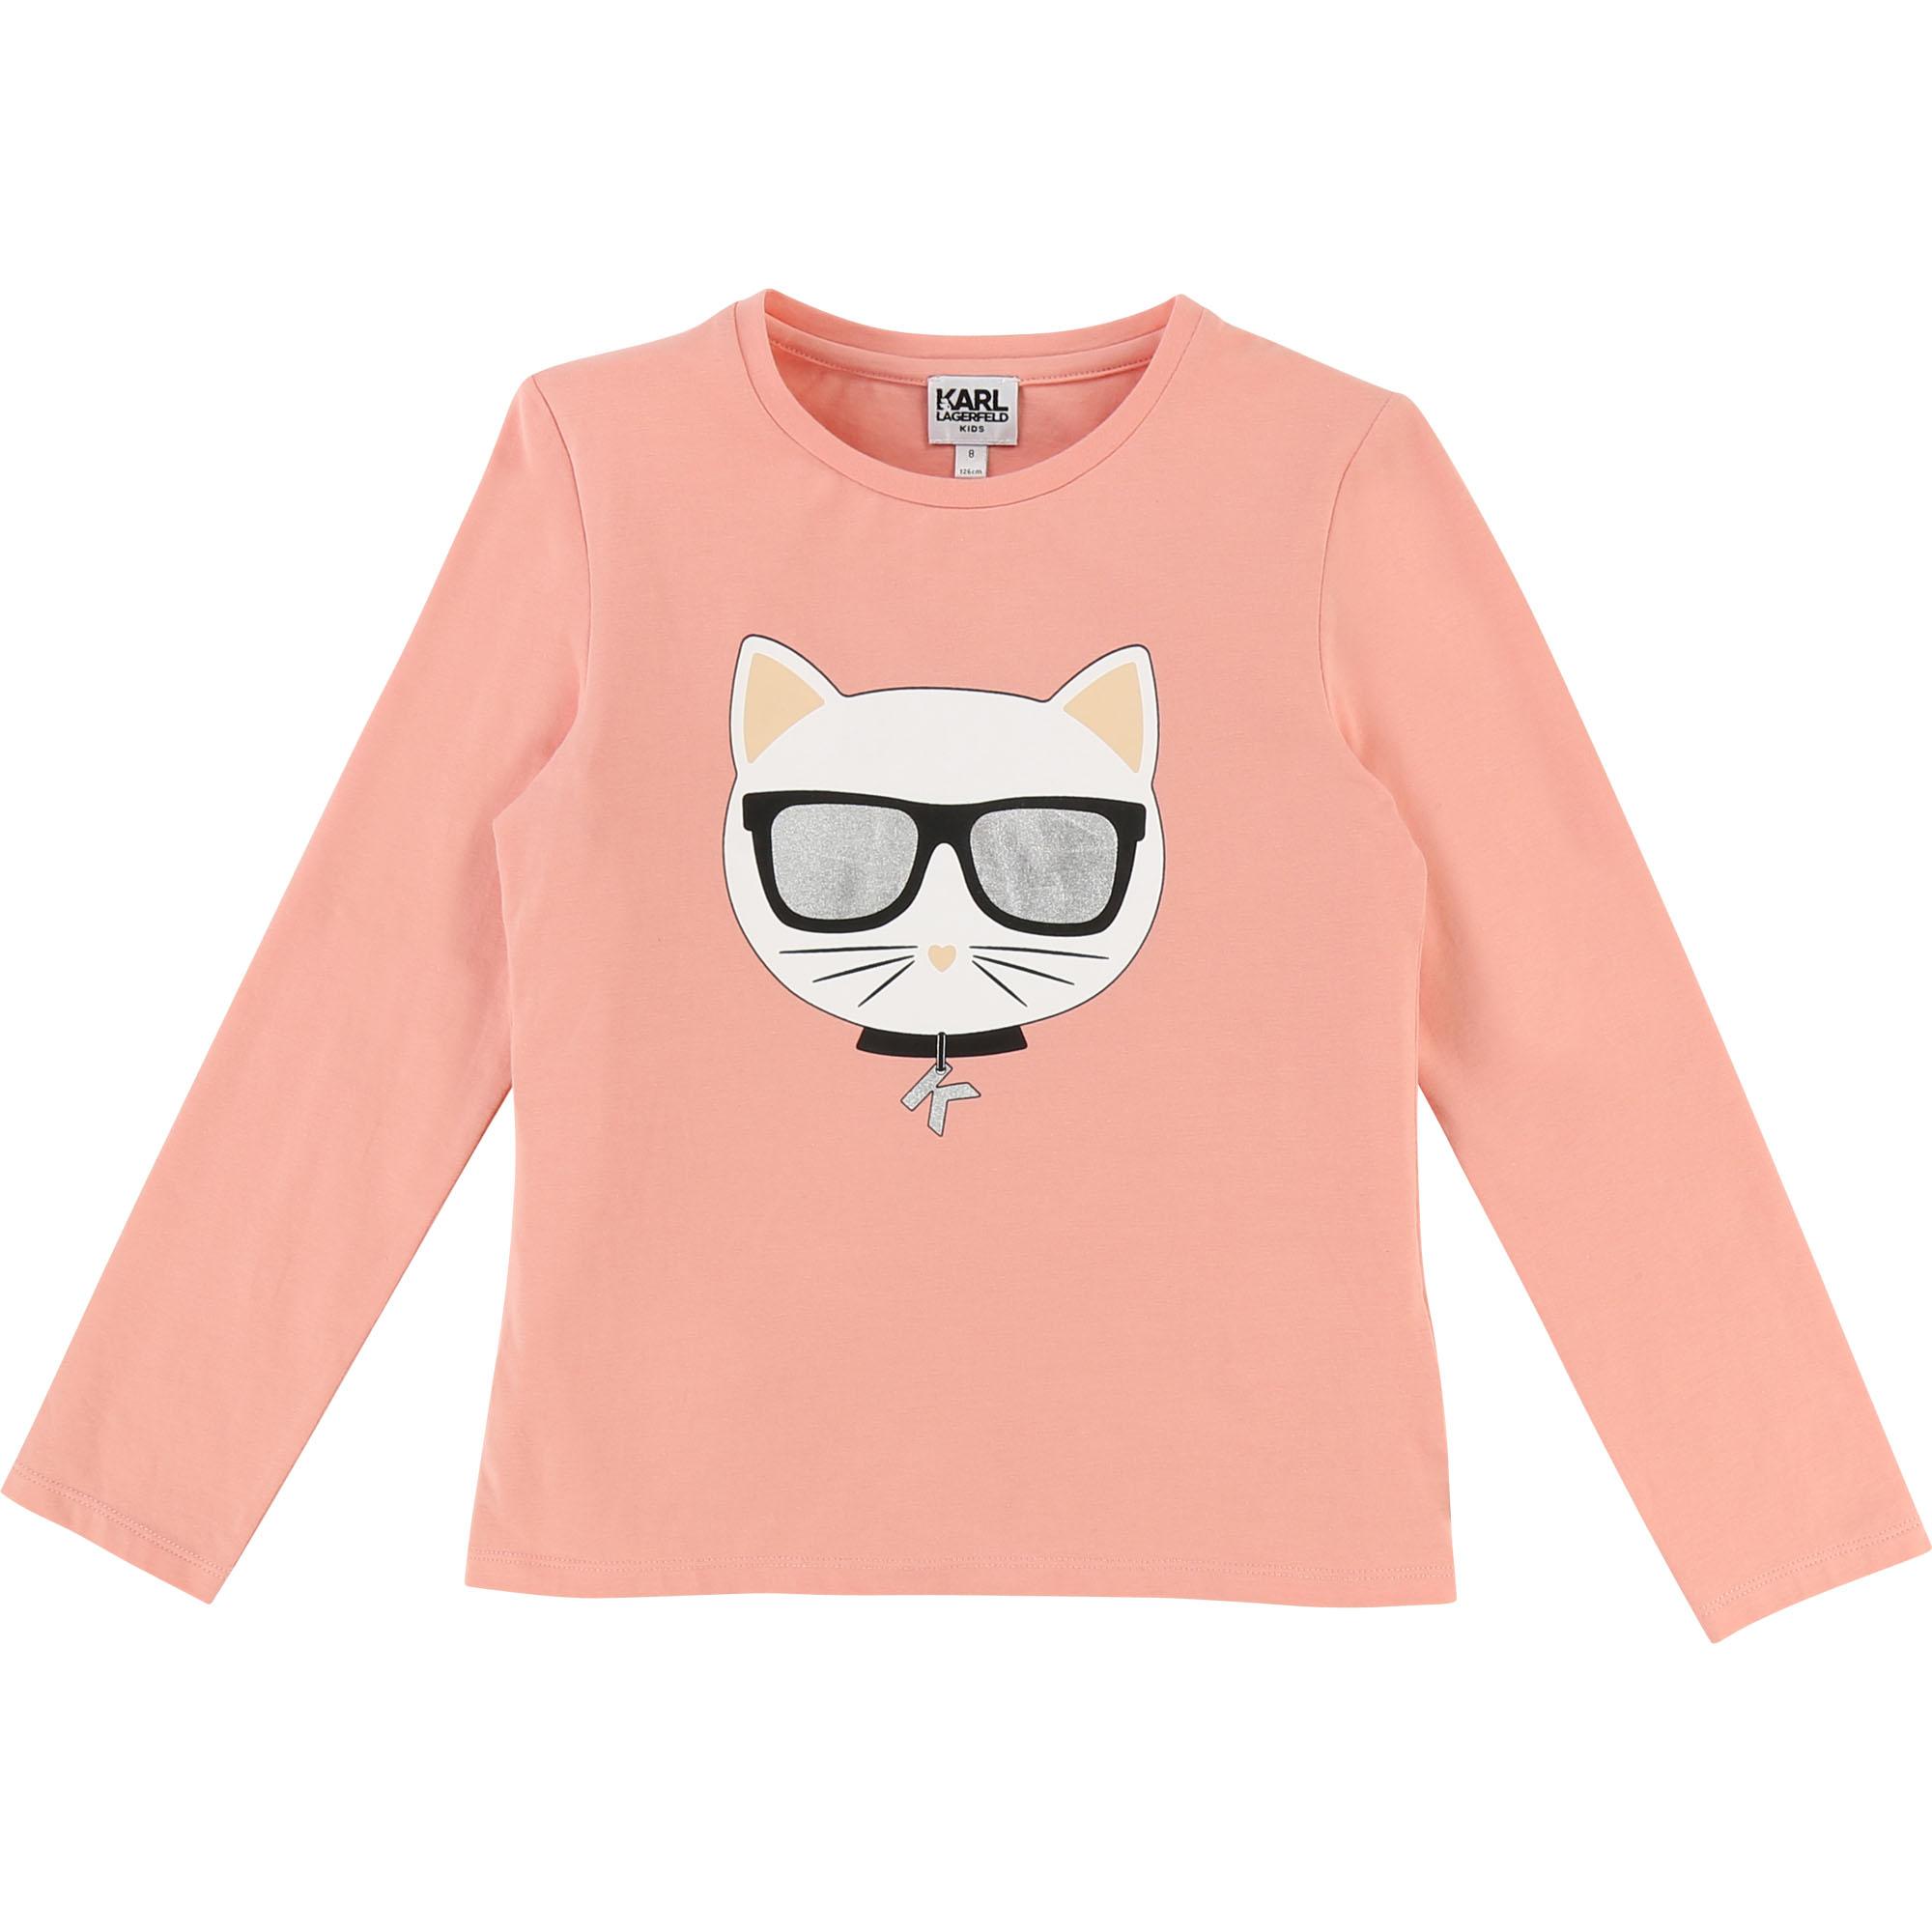 Karl Lagerfeld Shirt mit Glitzer Print in lachs